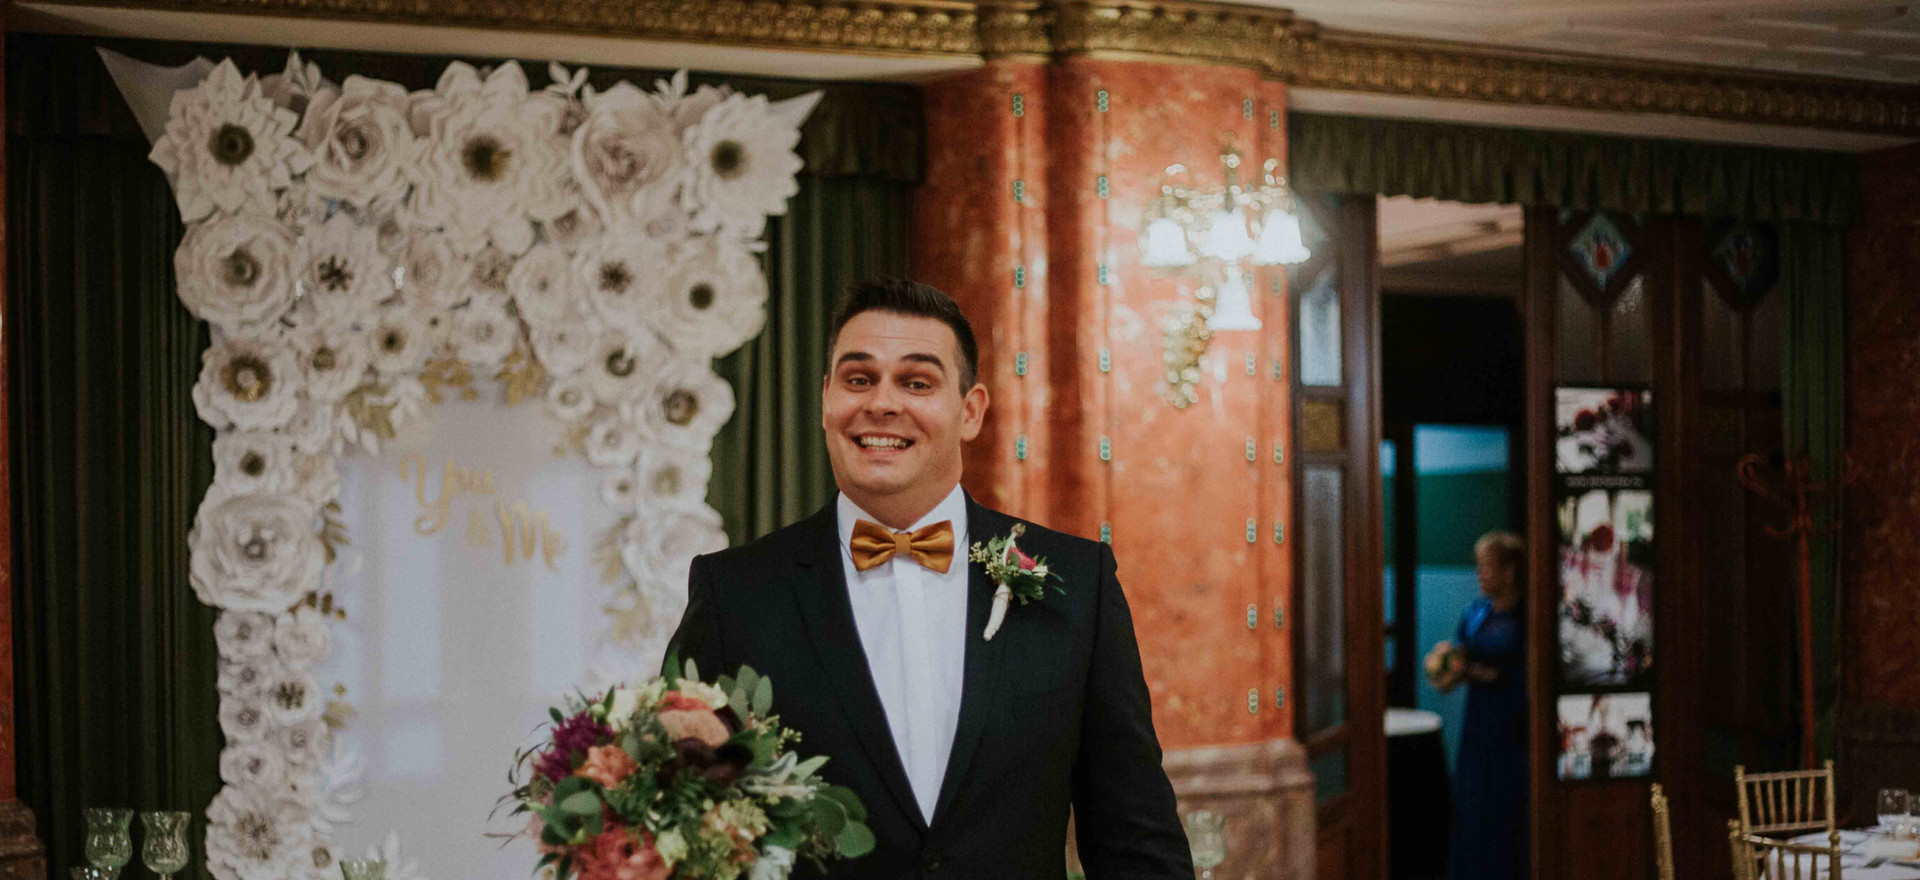 Íme a vőlegény- vajon kinek örül ennyire?